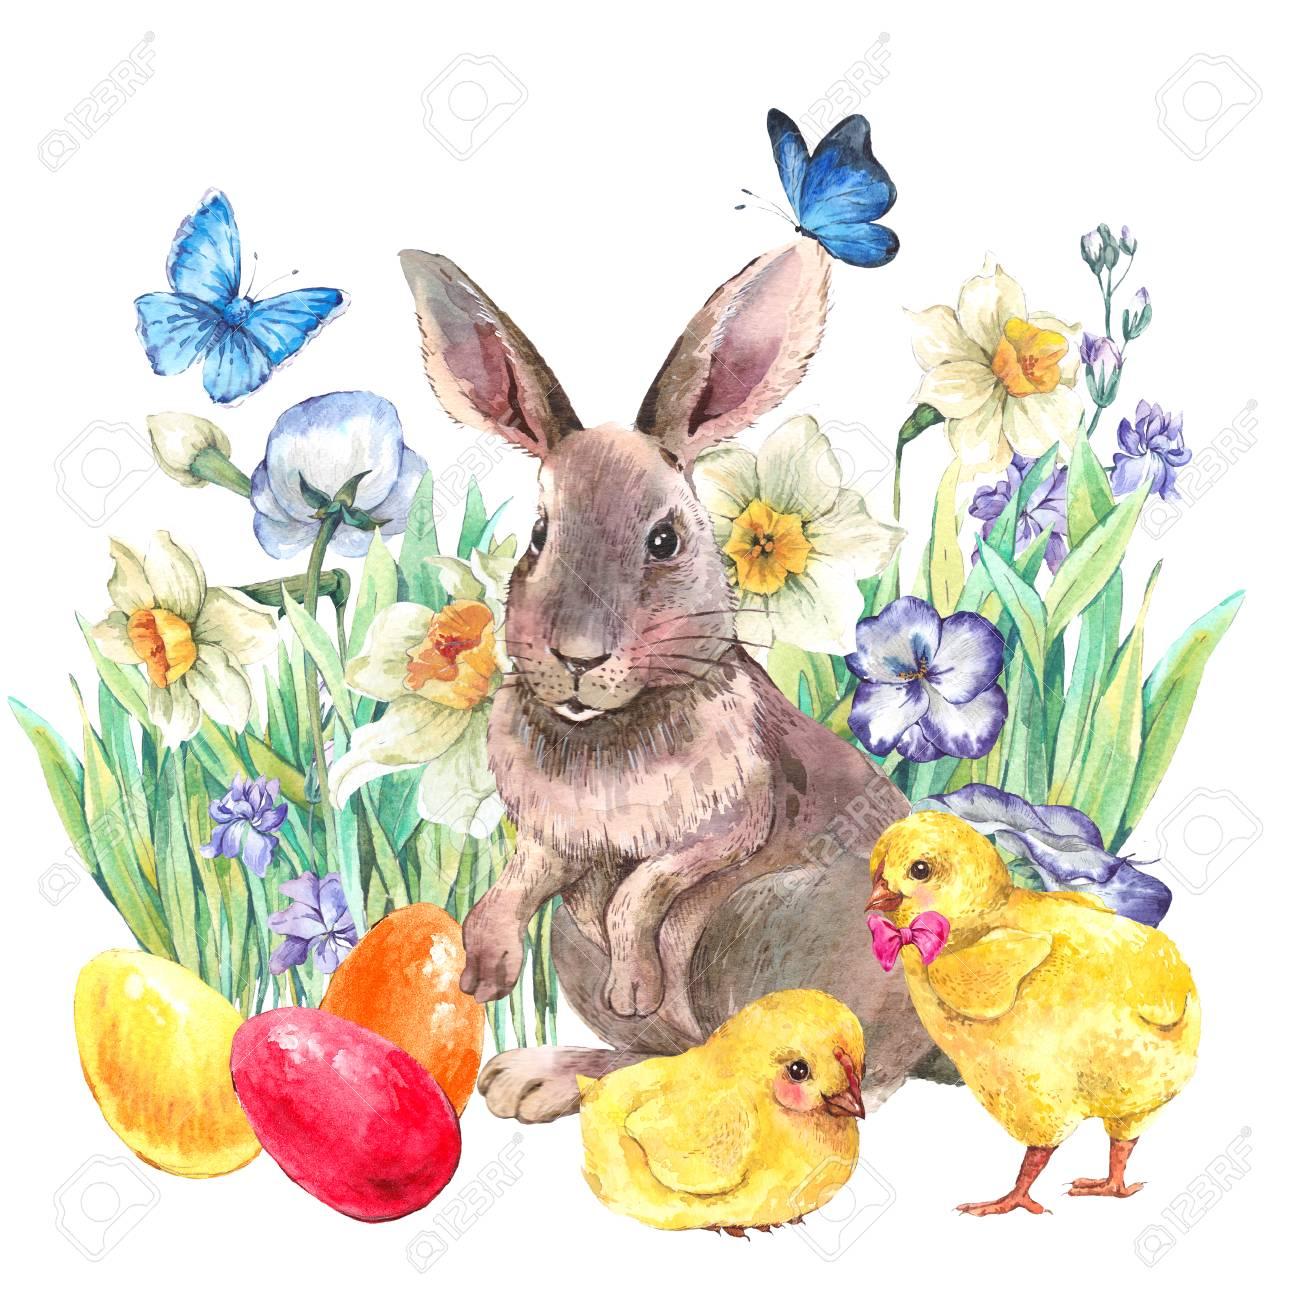 Aquarell Vintage Frohe Ostern Grußkarte Mit Niedlichen Hasen ...